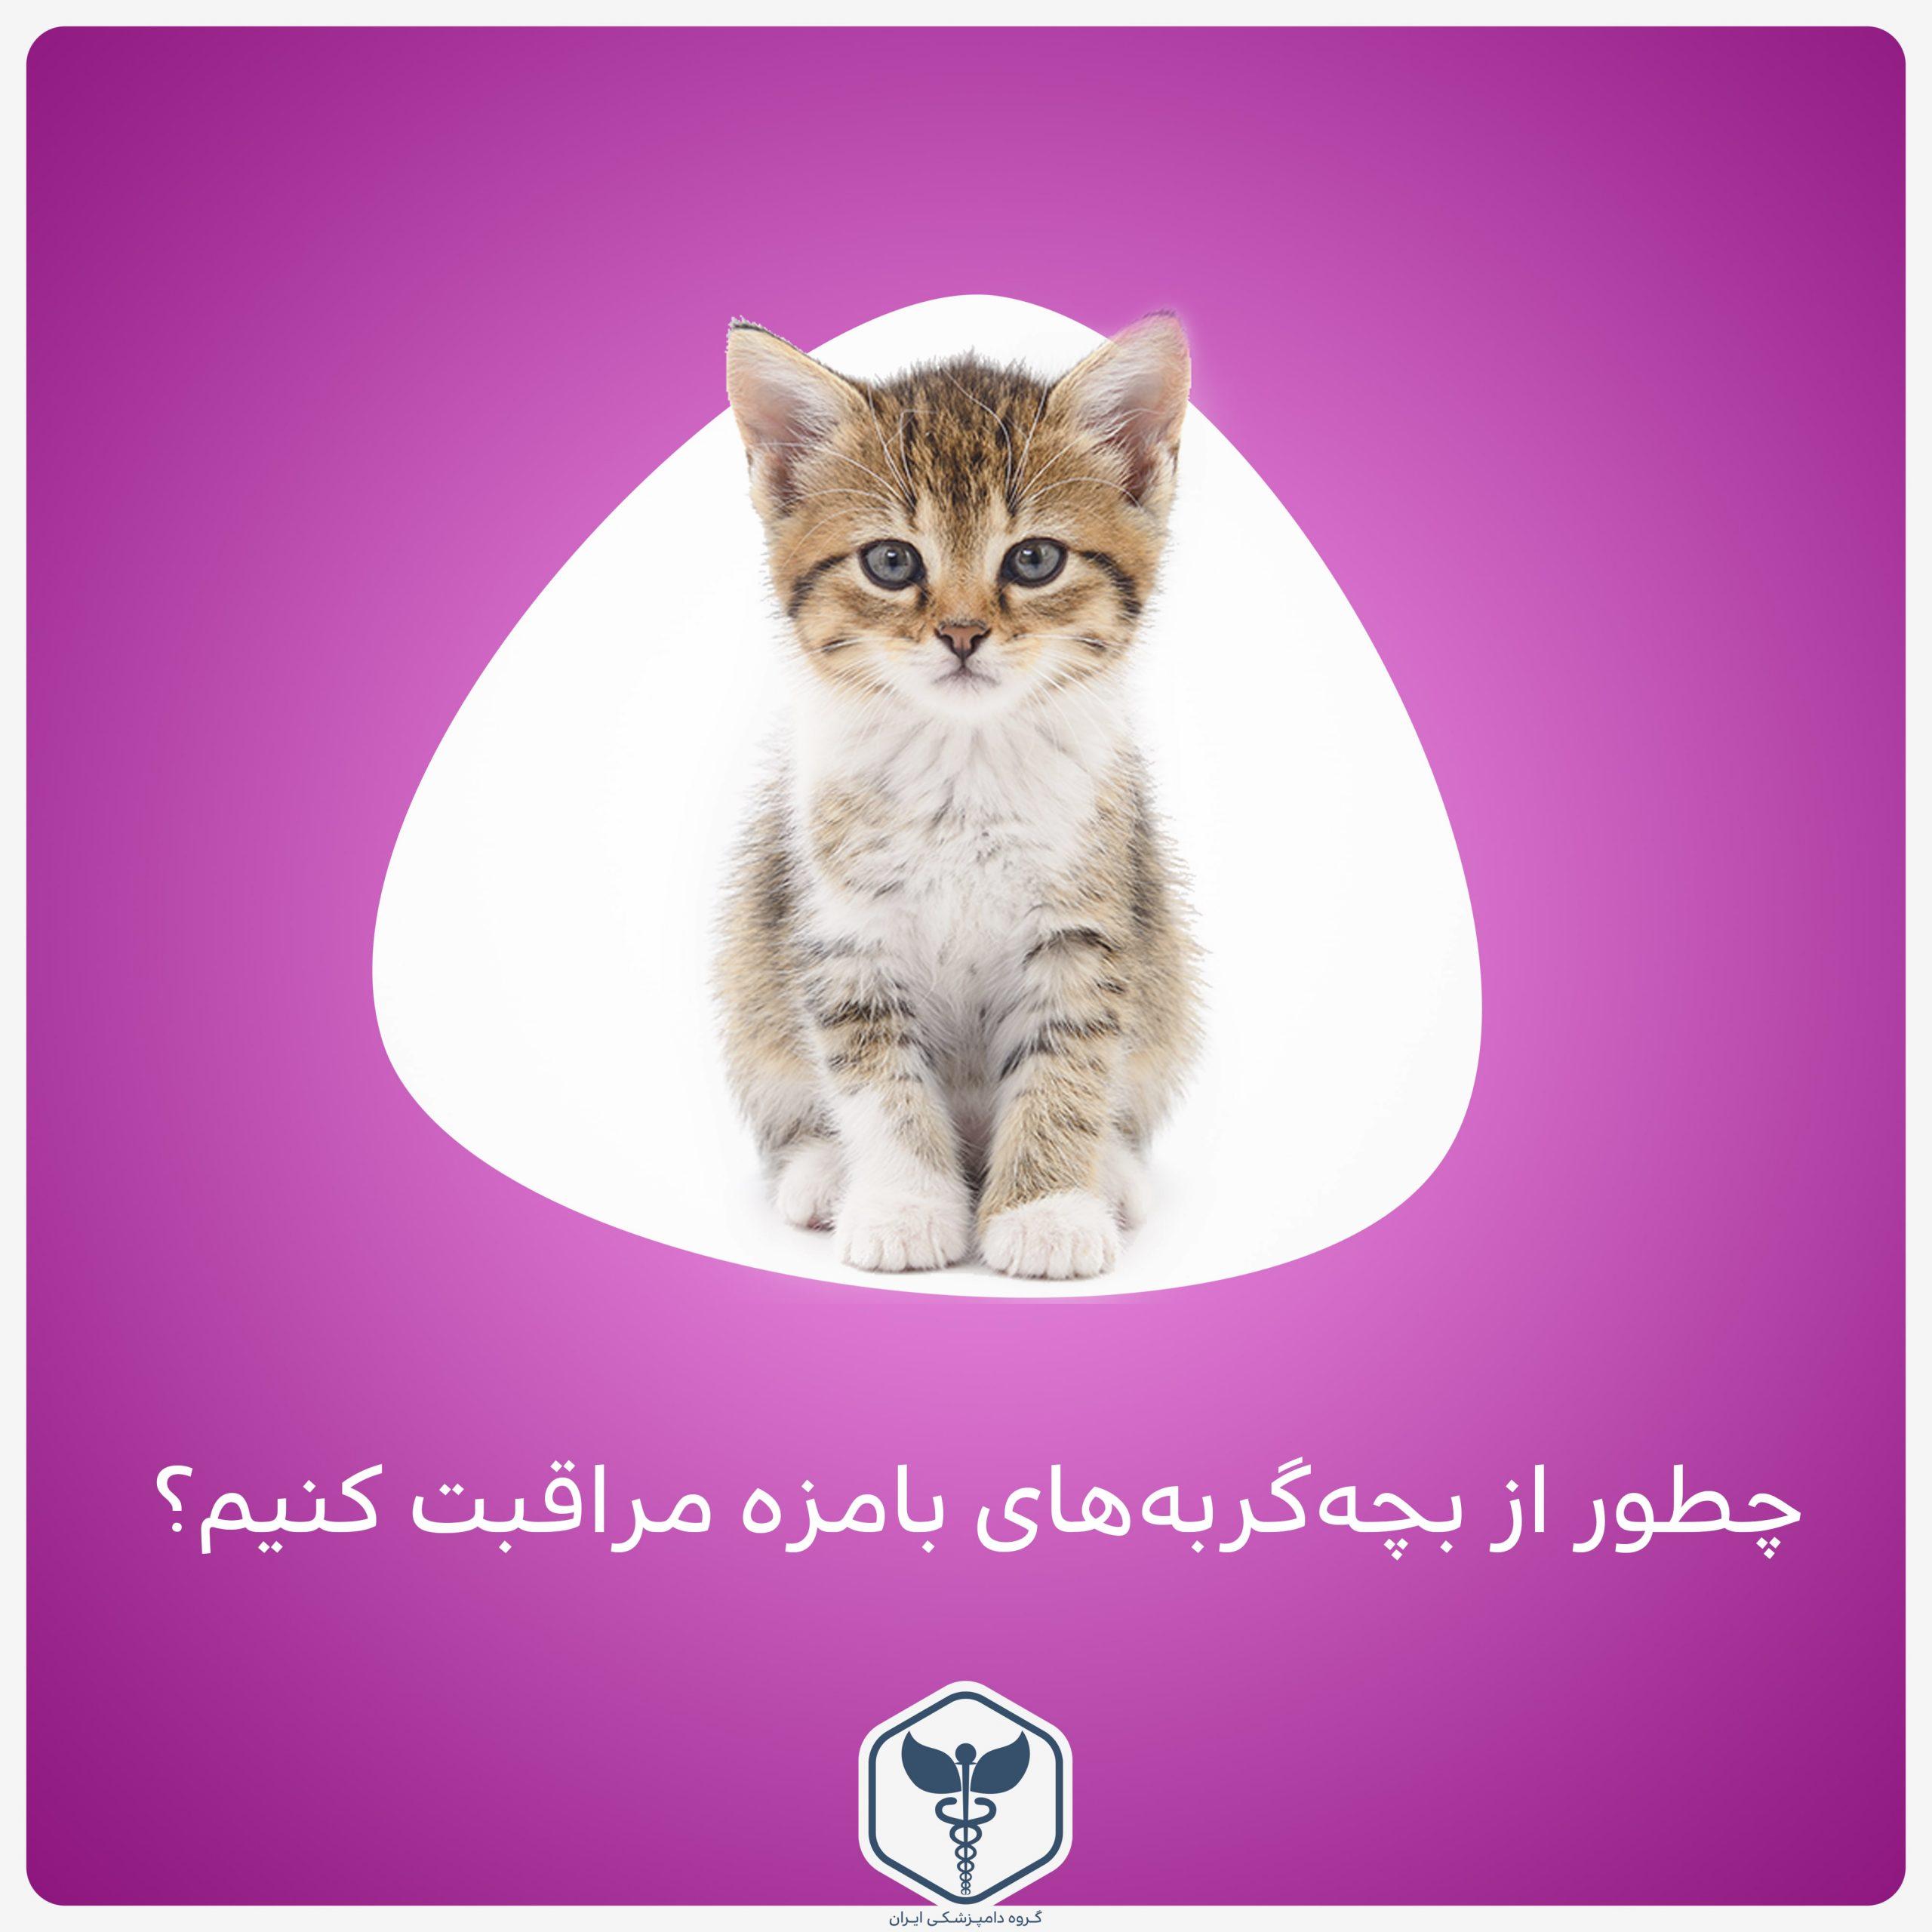 چطور از بچه گربههای بامزه مراقبت کنیم؟!